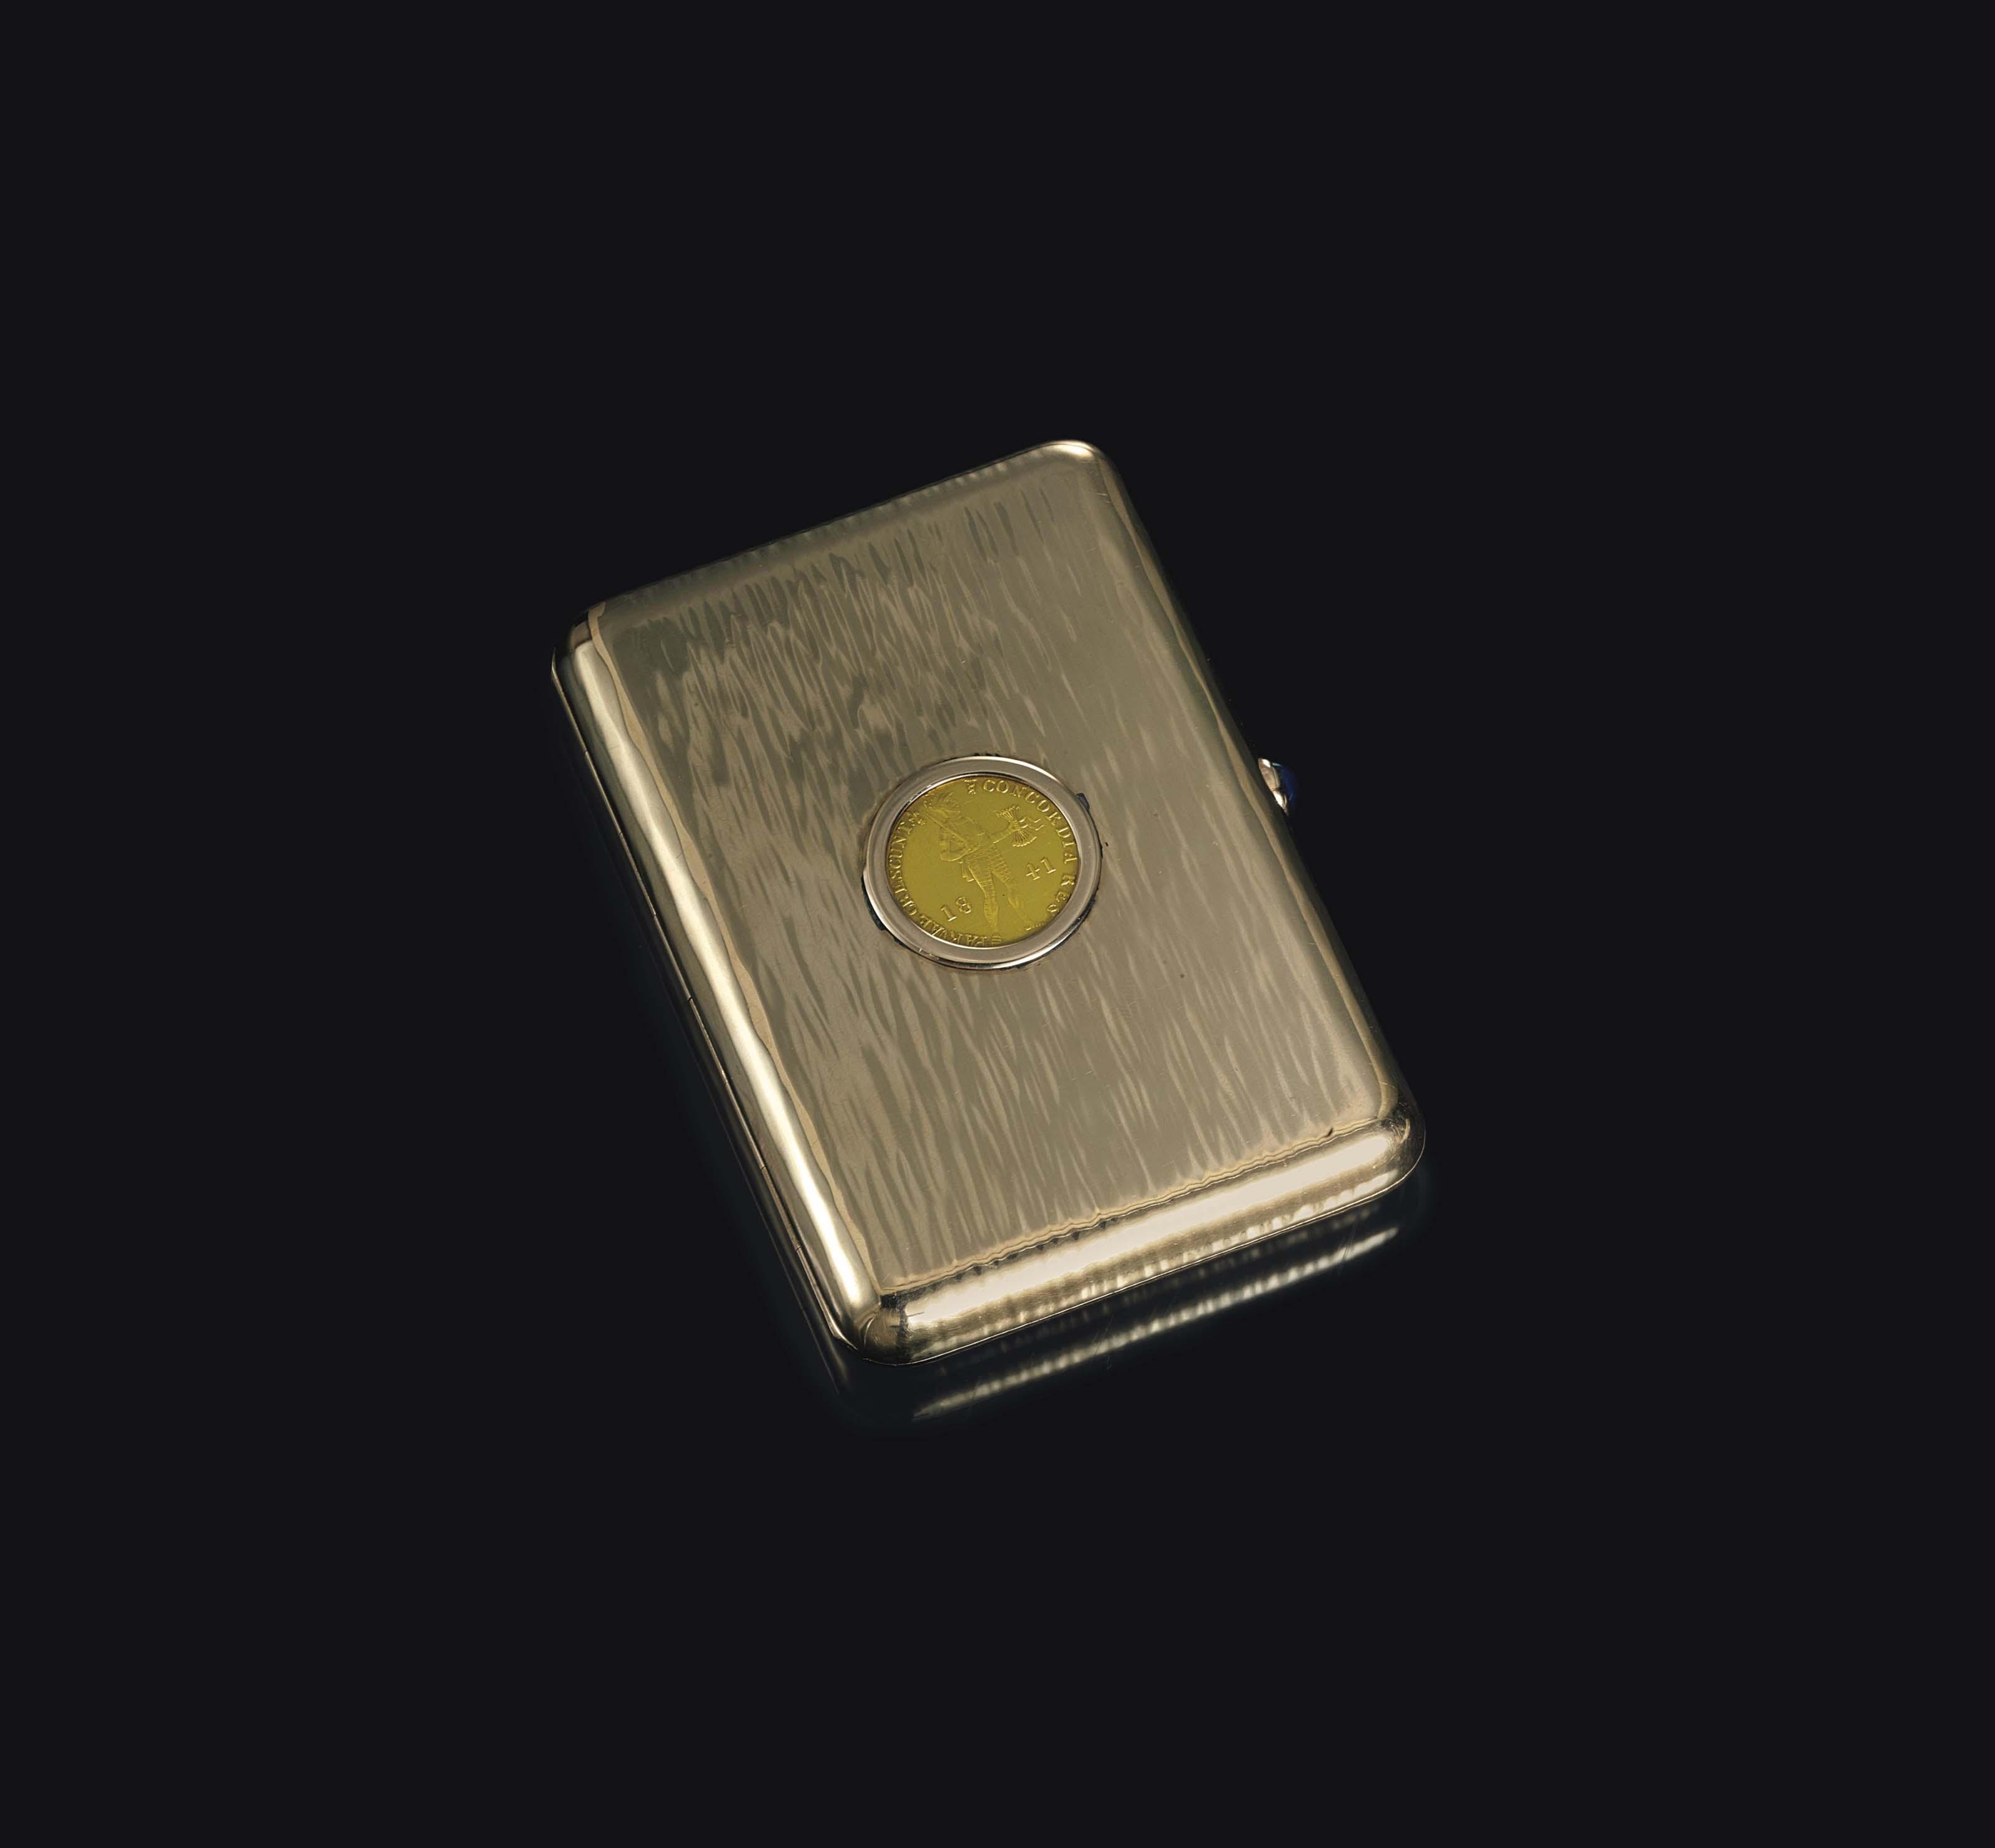 A GOLD CIGARETTE CASE